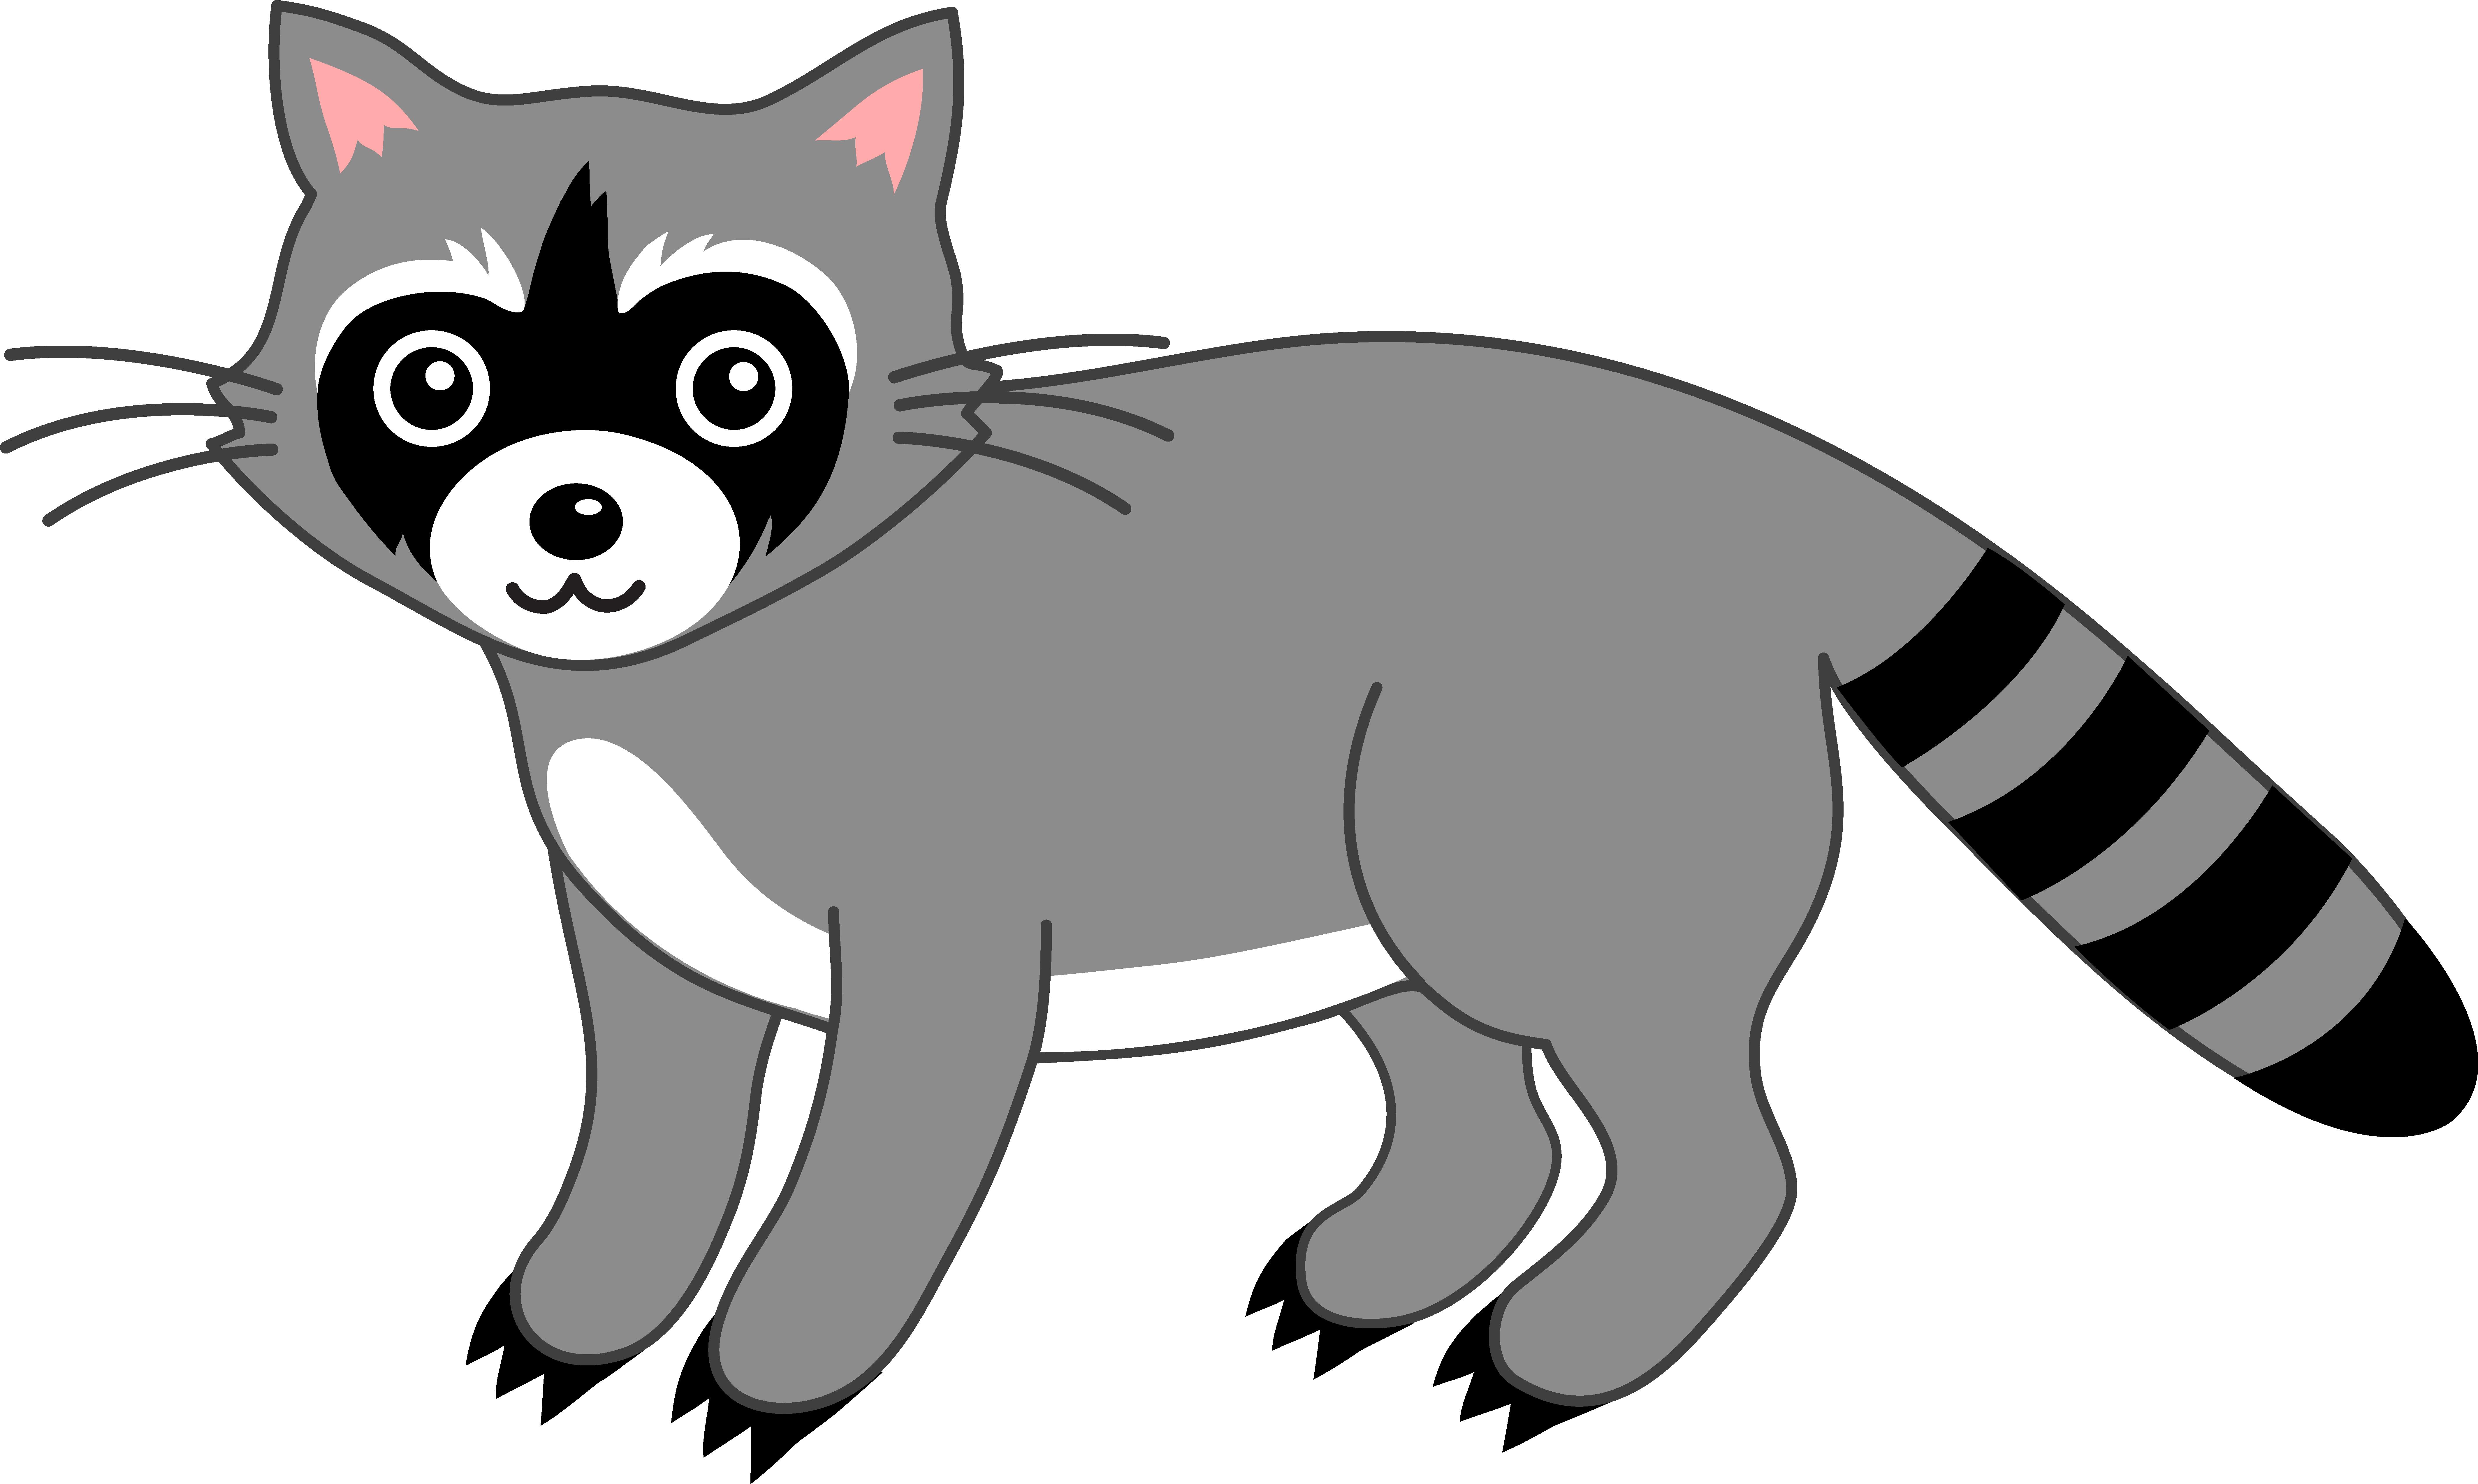 Cute Grey Raccoon.